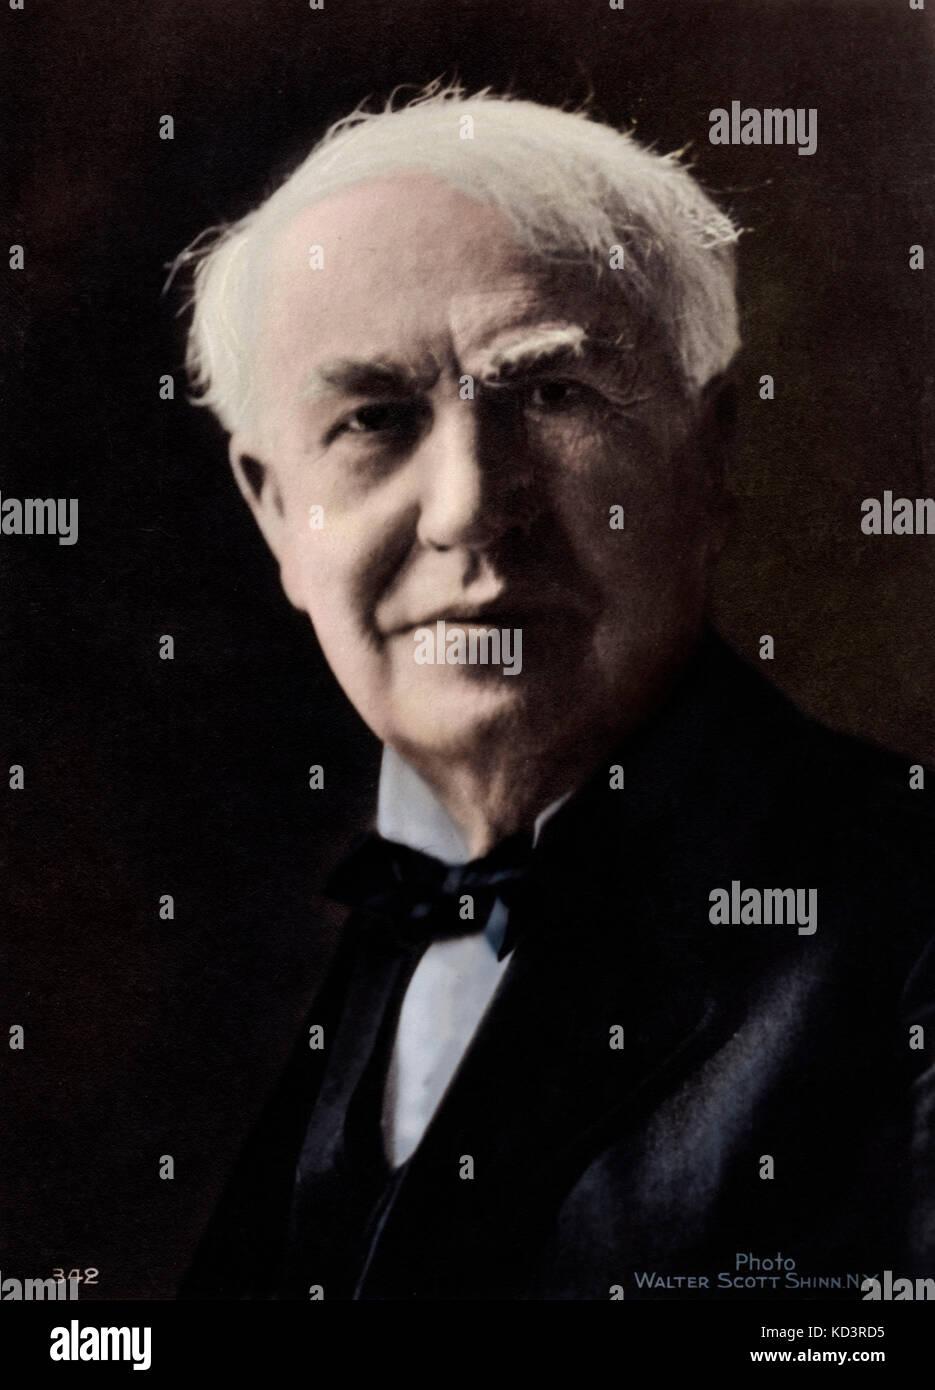 Thomas Alva Edison - inventeur américain, ingénieur et fabricant - 11 février 1847 - 18 octobre 1931 Banque D'Images